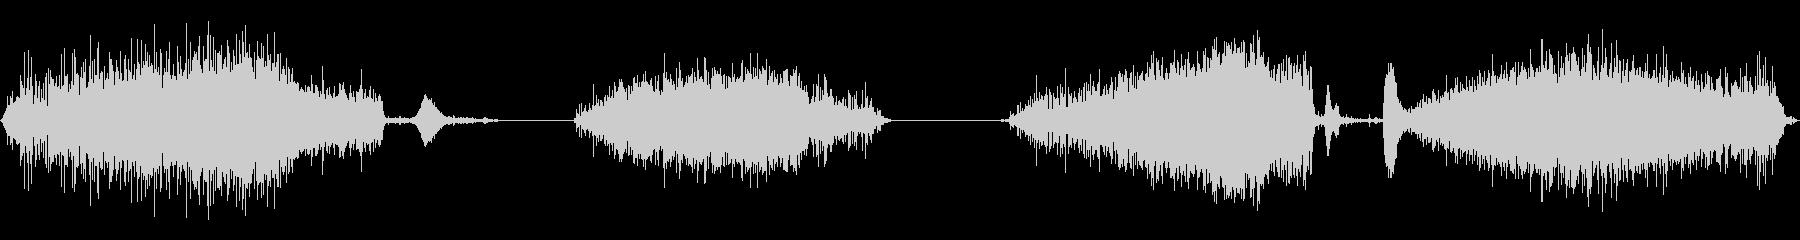 赤ちゃんハゲタカの巣でシューという音の未再生の波形